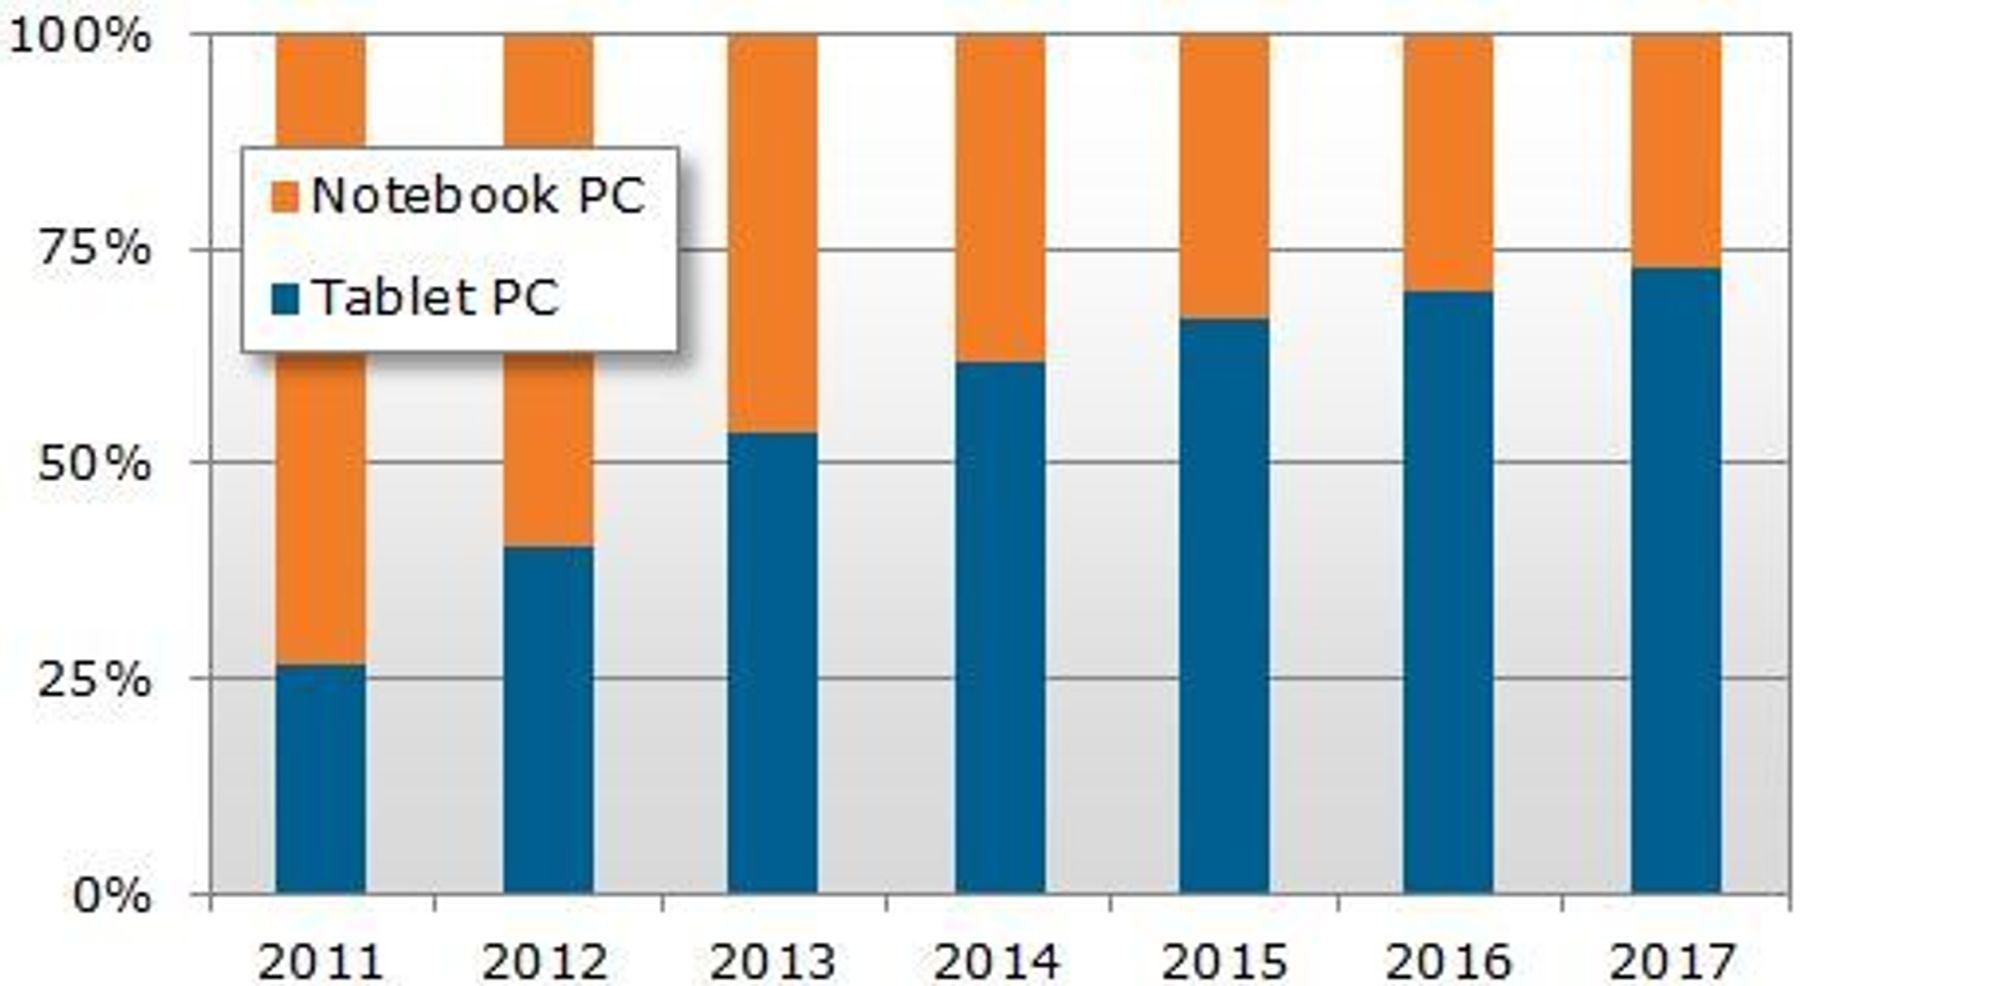 Den reviderte prognosen: Brett selger bedre enn bærbare pc-er allerede i 2013, og i 2017 vil det selges nesten tre brett for hver bærbare pc.